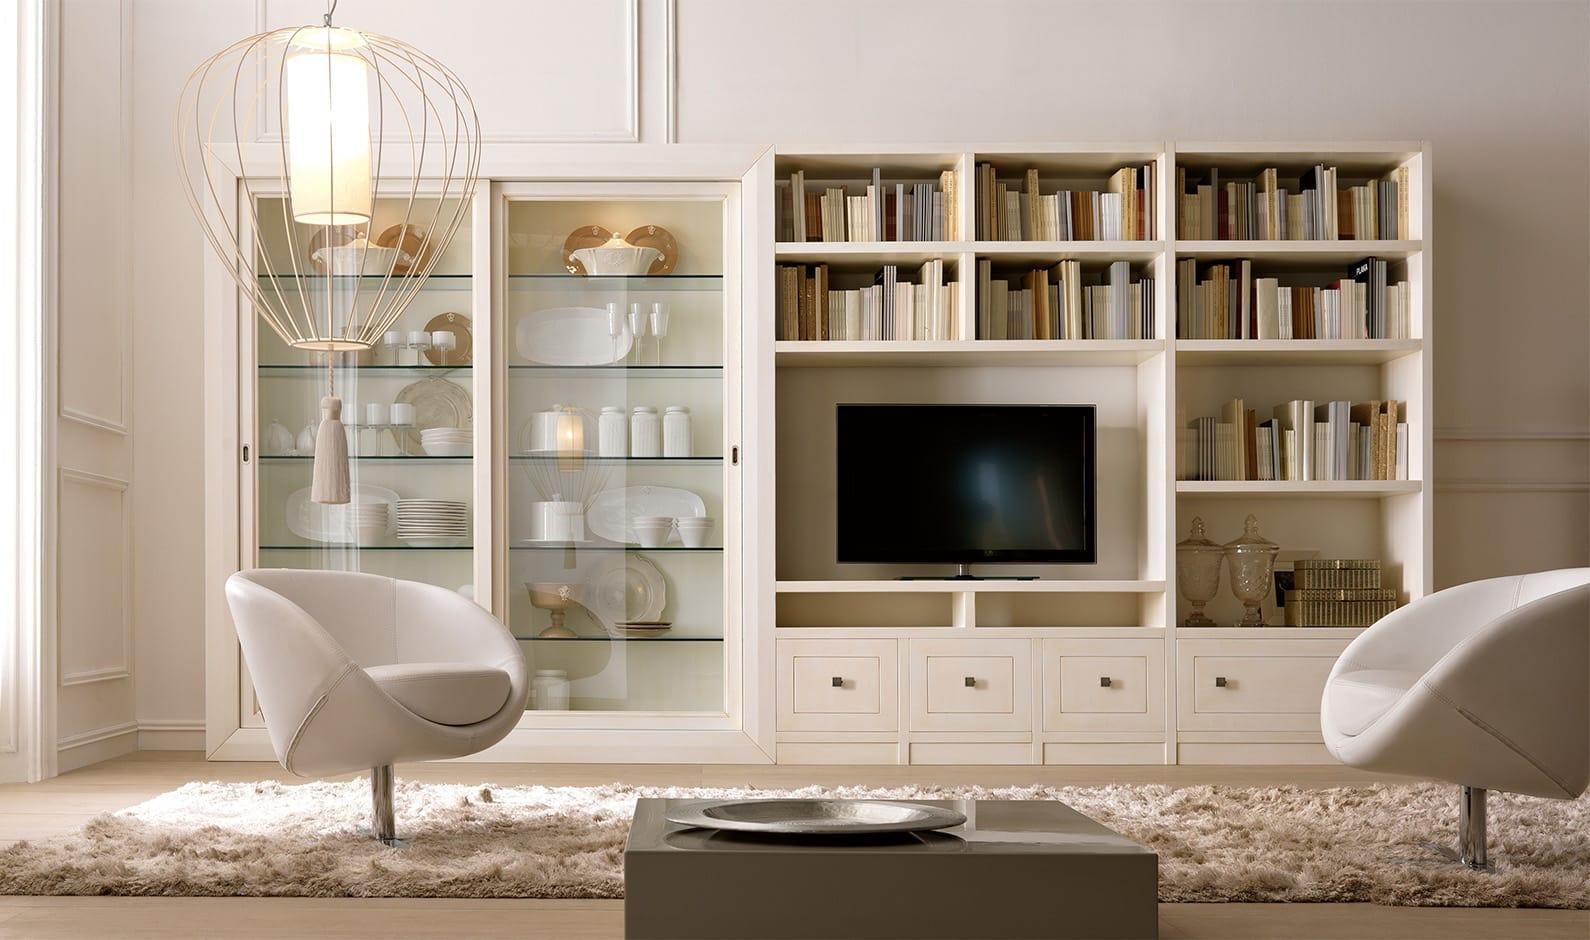 Pacema soggiorno soggiorno bianco anticato pennellato Mobile soggiorno bianco